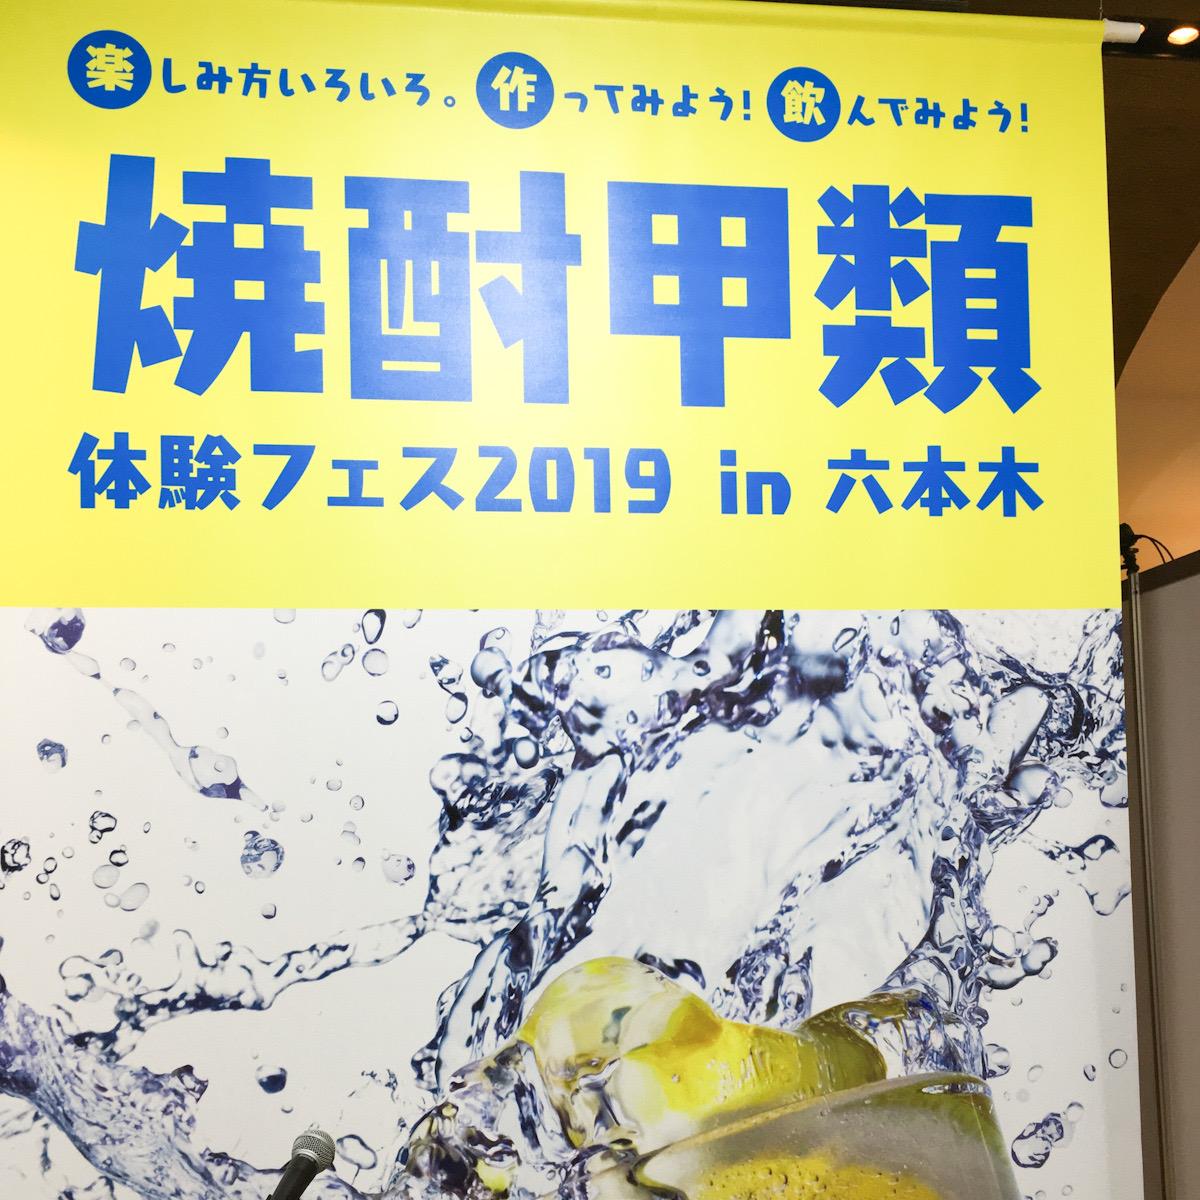 無料で焼酎が飲めて焼酎まで当たっちゃった!「焼酎甲類体験フェス2019 in 六本木」